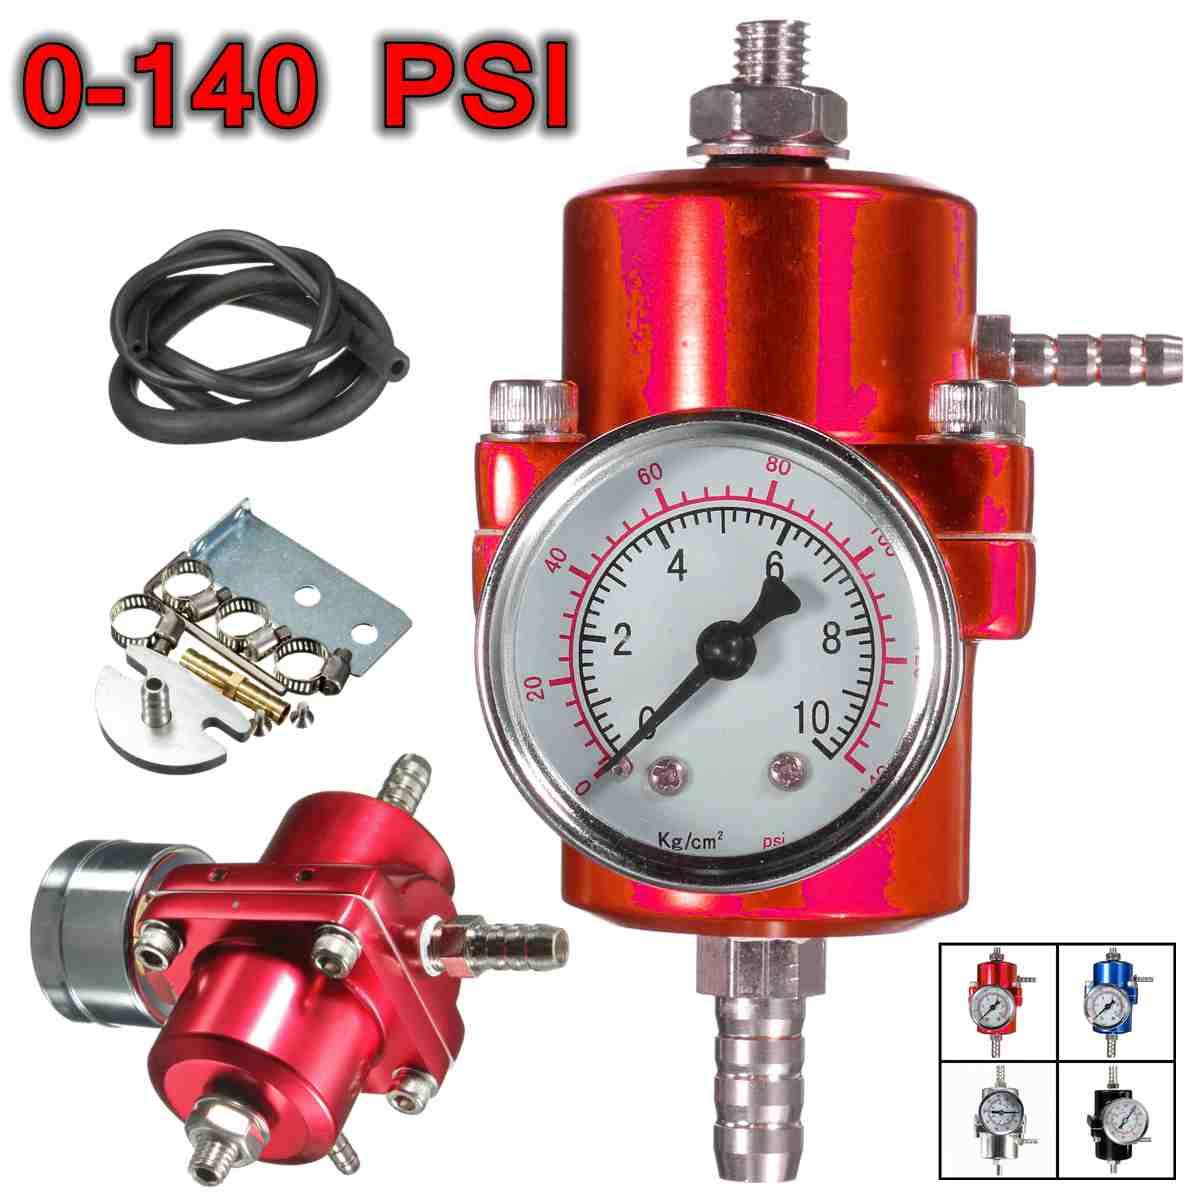 Schwarz blau rot silber 0-140PSI Universal Auto Kraftstoff Druckregler Mit Manometer Einstellbare Öl Druckregler